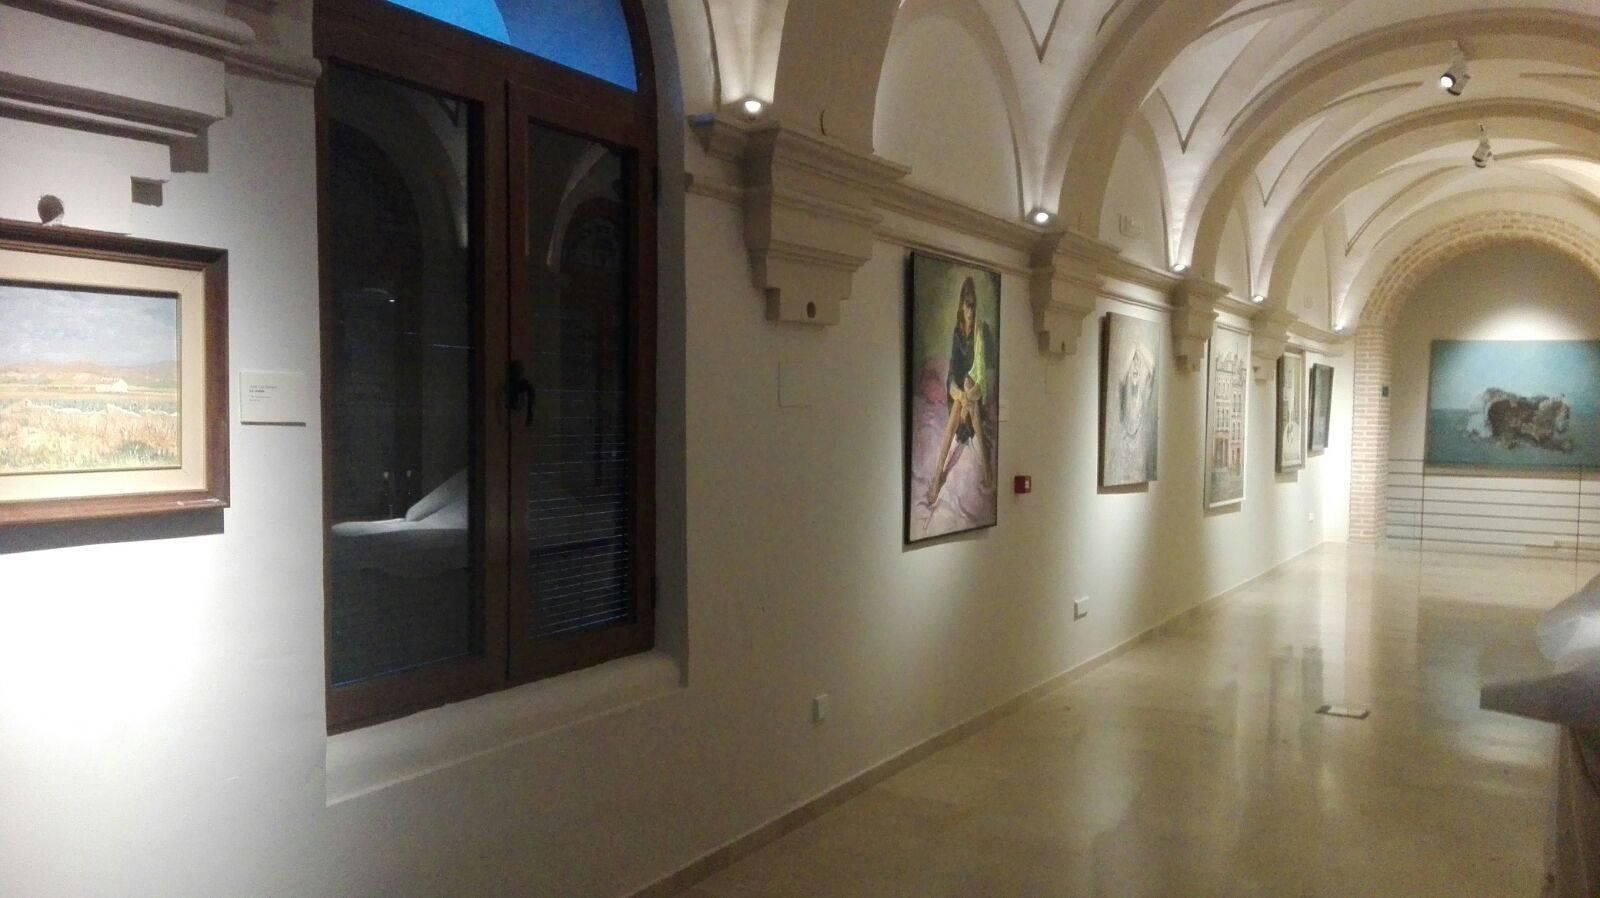 Claustro Ayuntamiento Herencia 2 - Inaugurado el antiguo Claustro del Ayuntamiento como galería artística del patrimonio histórico de Herencia